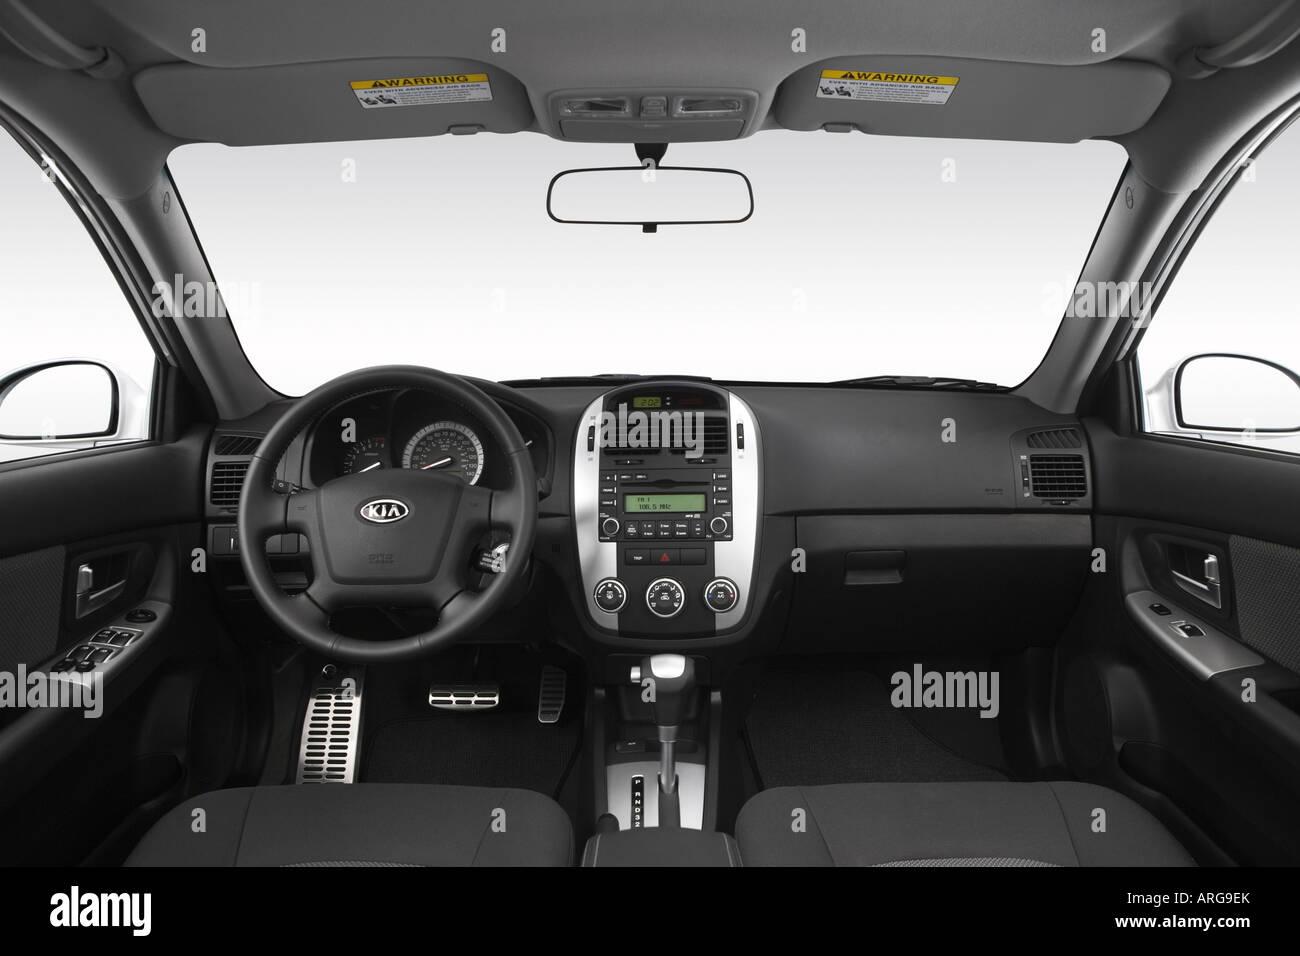 2007 kia spectra 5 sx in silver dashboard center console gear shifter view